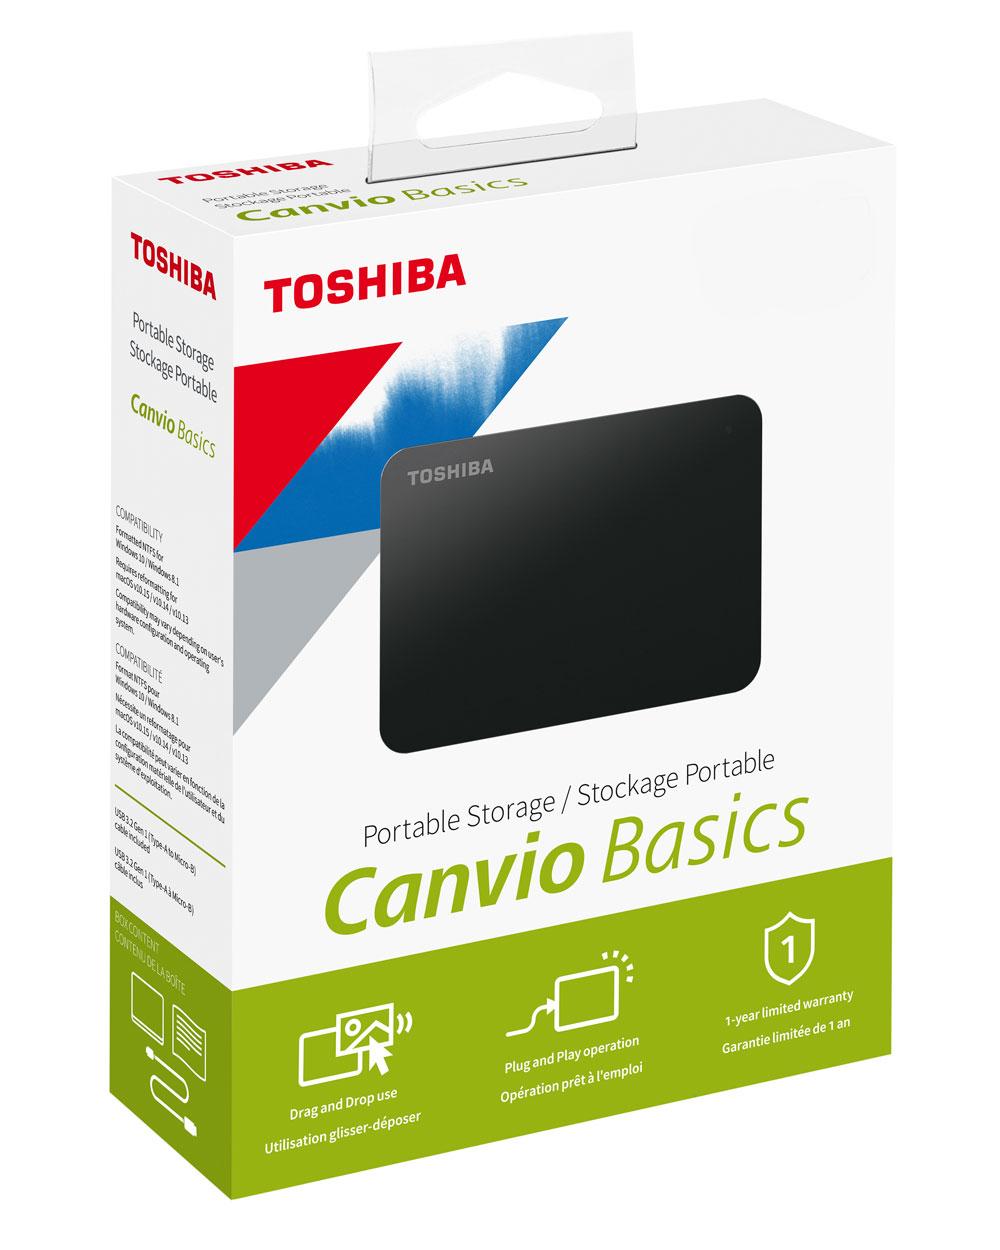 Canvio Basics packaging